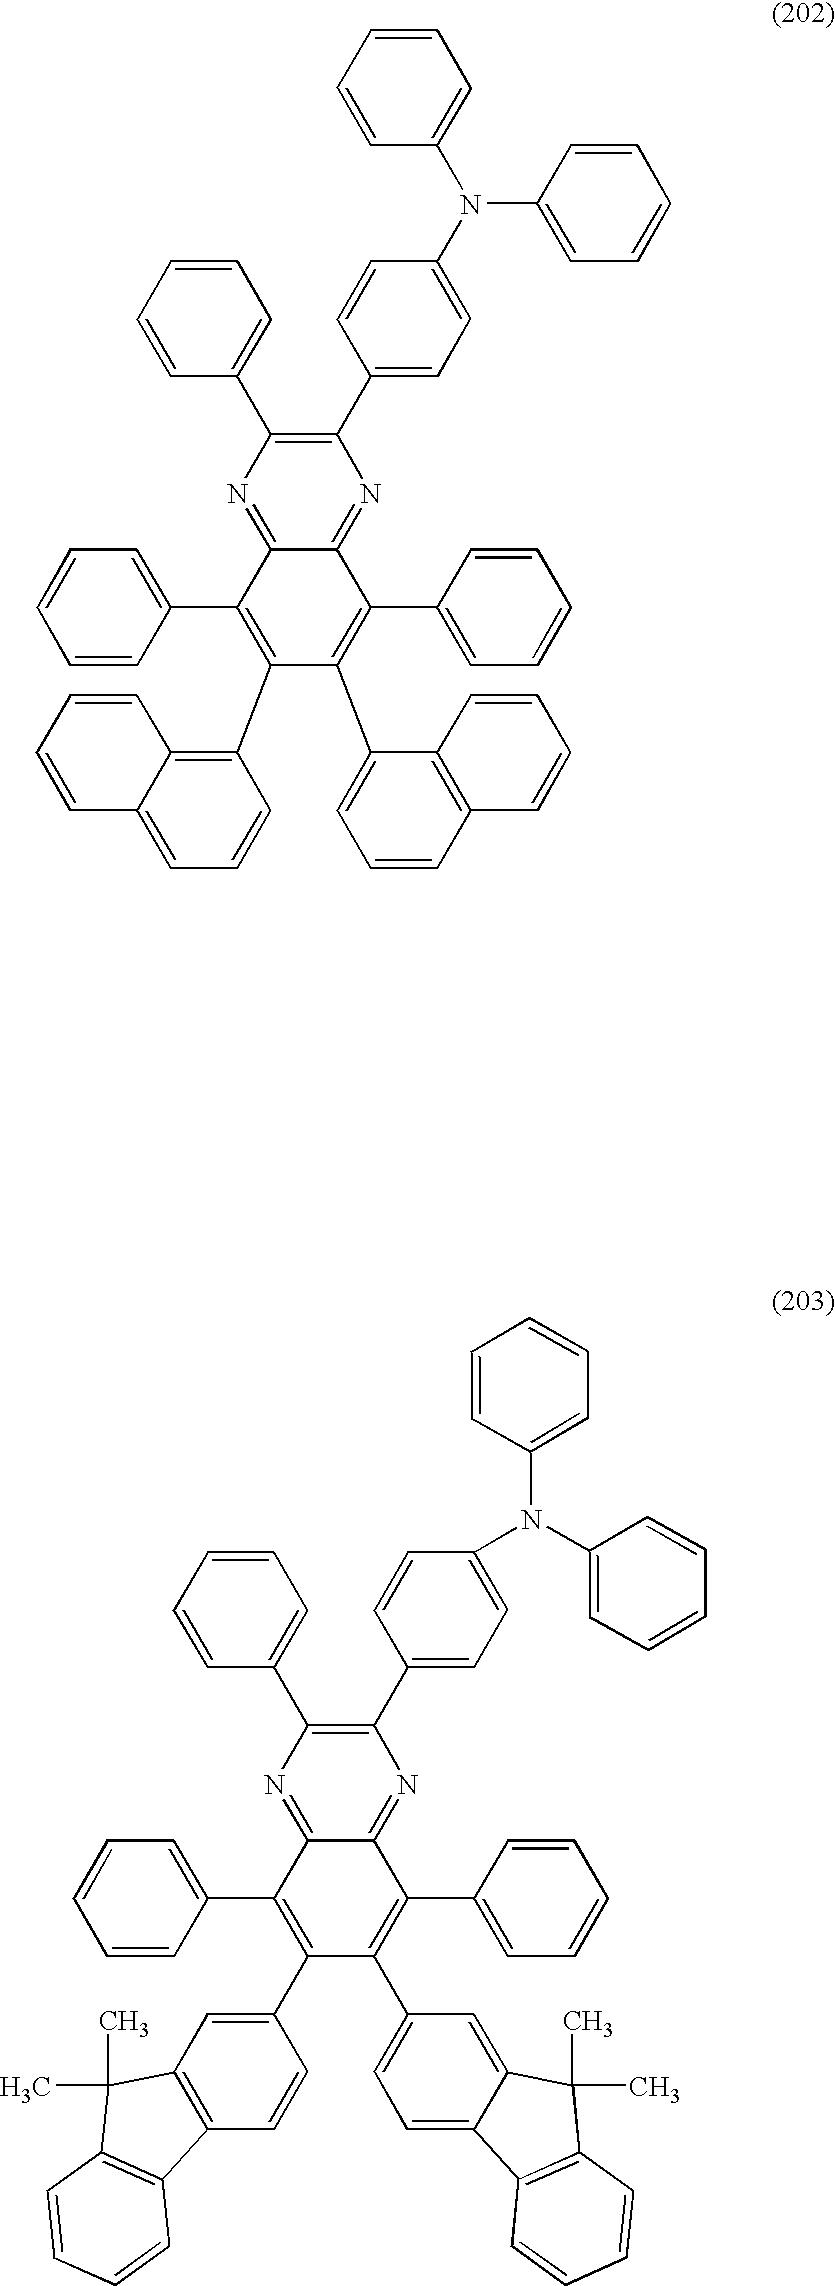 Figure US08178216-20120515-C00068